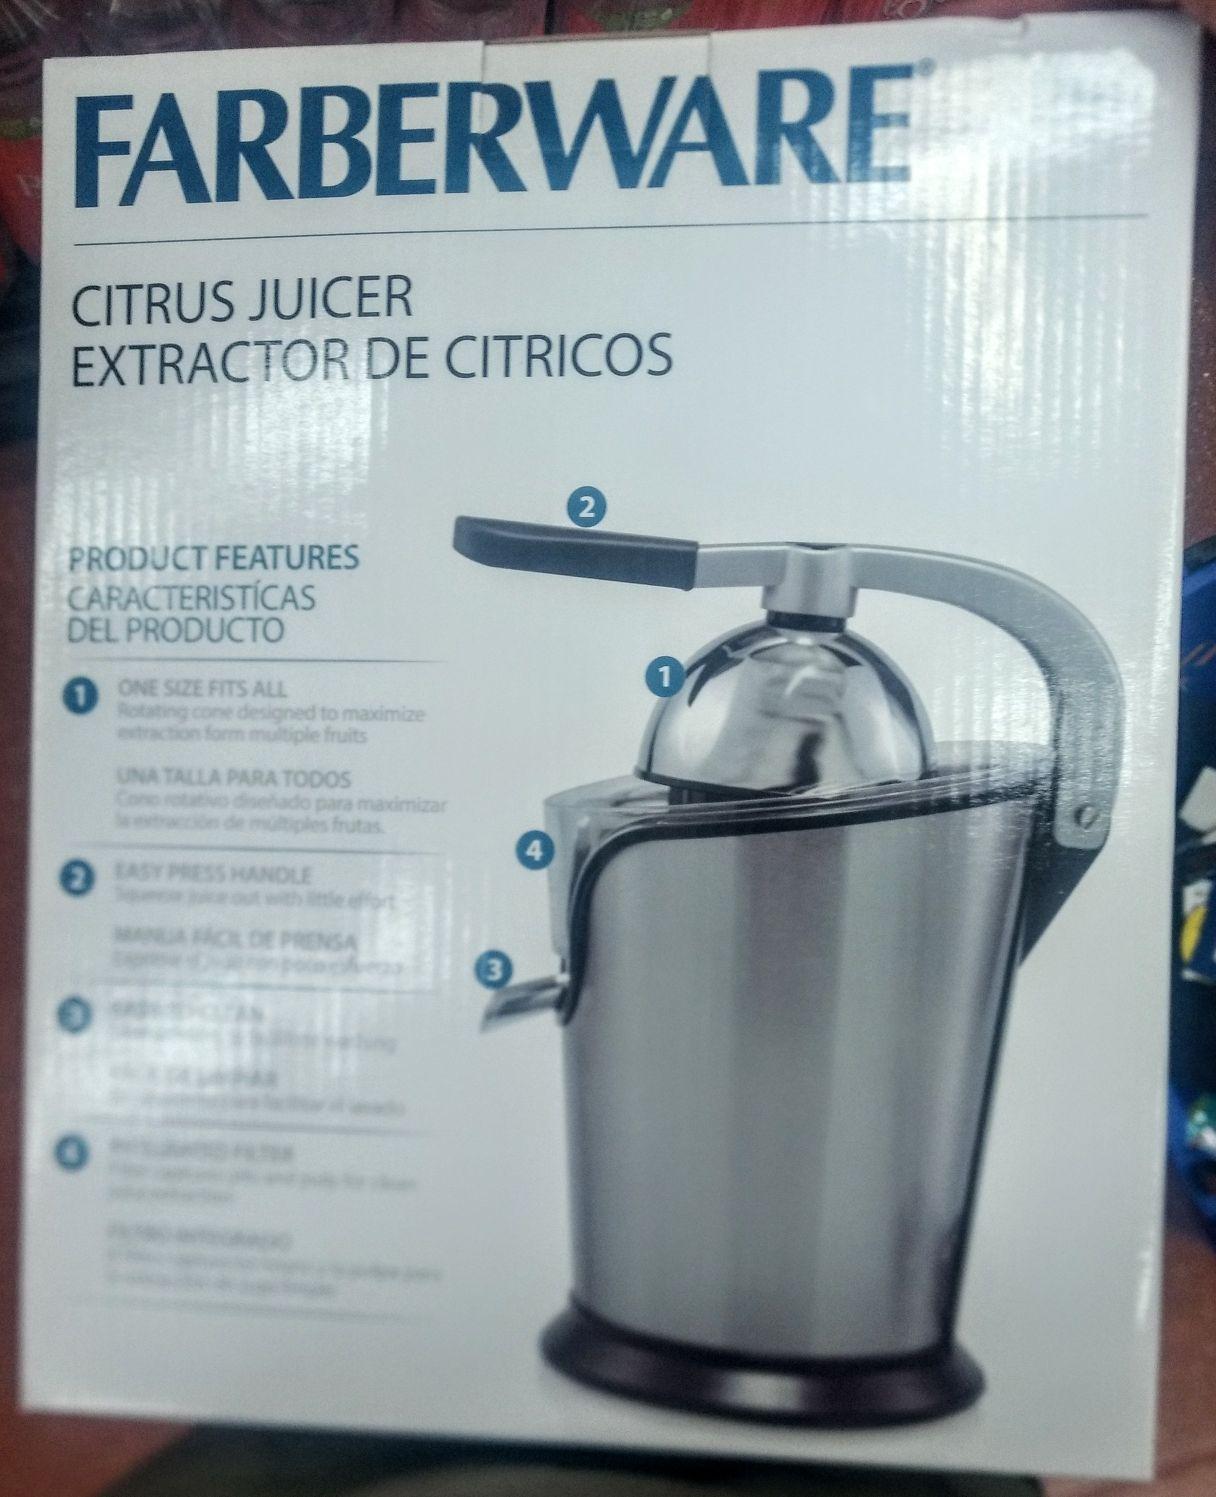 Walmart Extractor de cítricos Farberware